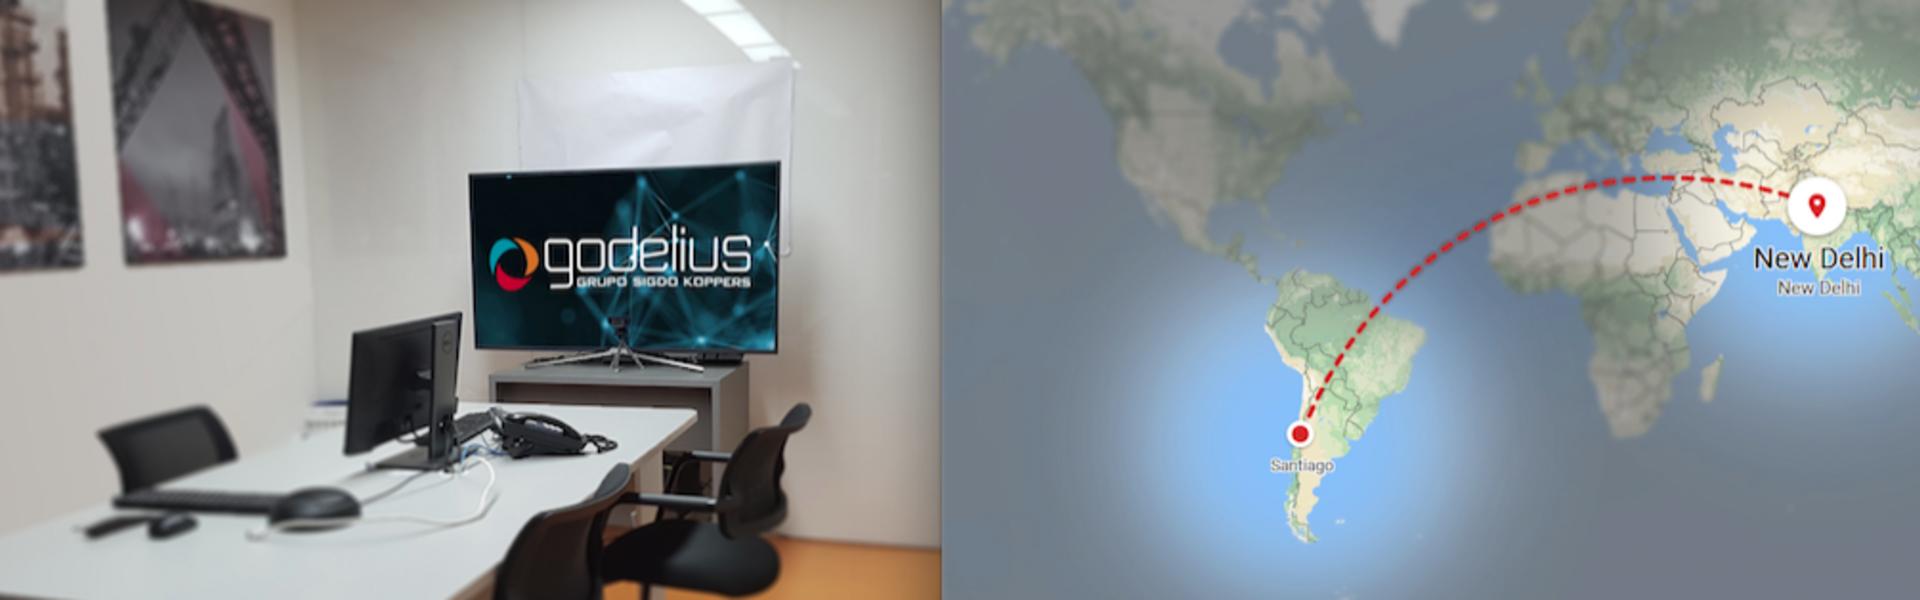 SK Godelius instaló su Sistema de Interacción (SIG) en Nueva Delhi, India